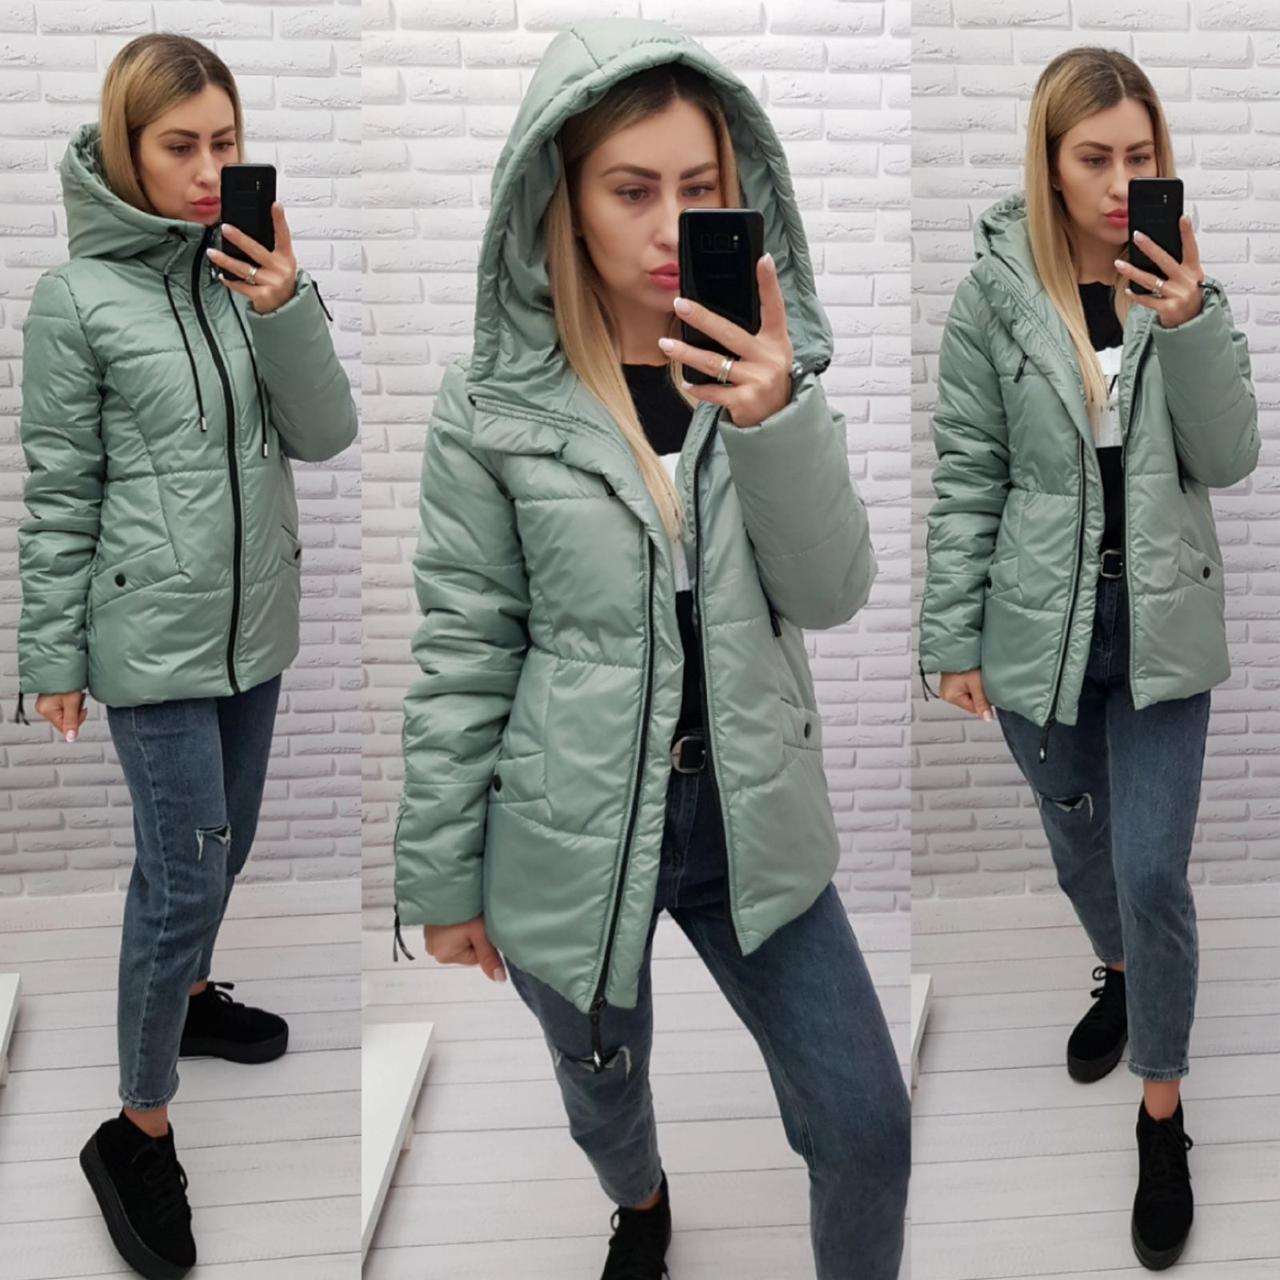 Куртка женская практичная модель, арт 416, цвет шалфей/мята